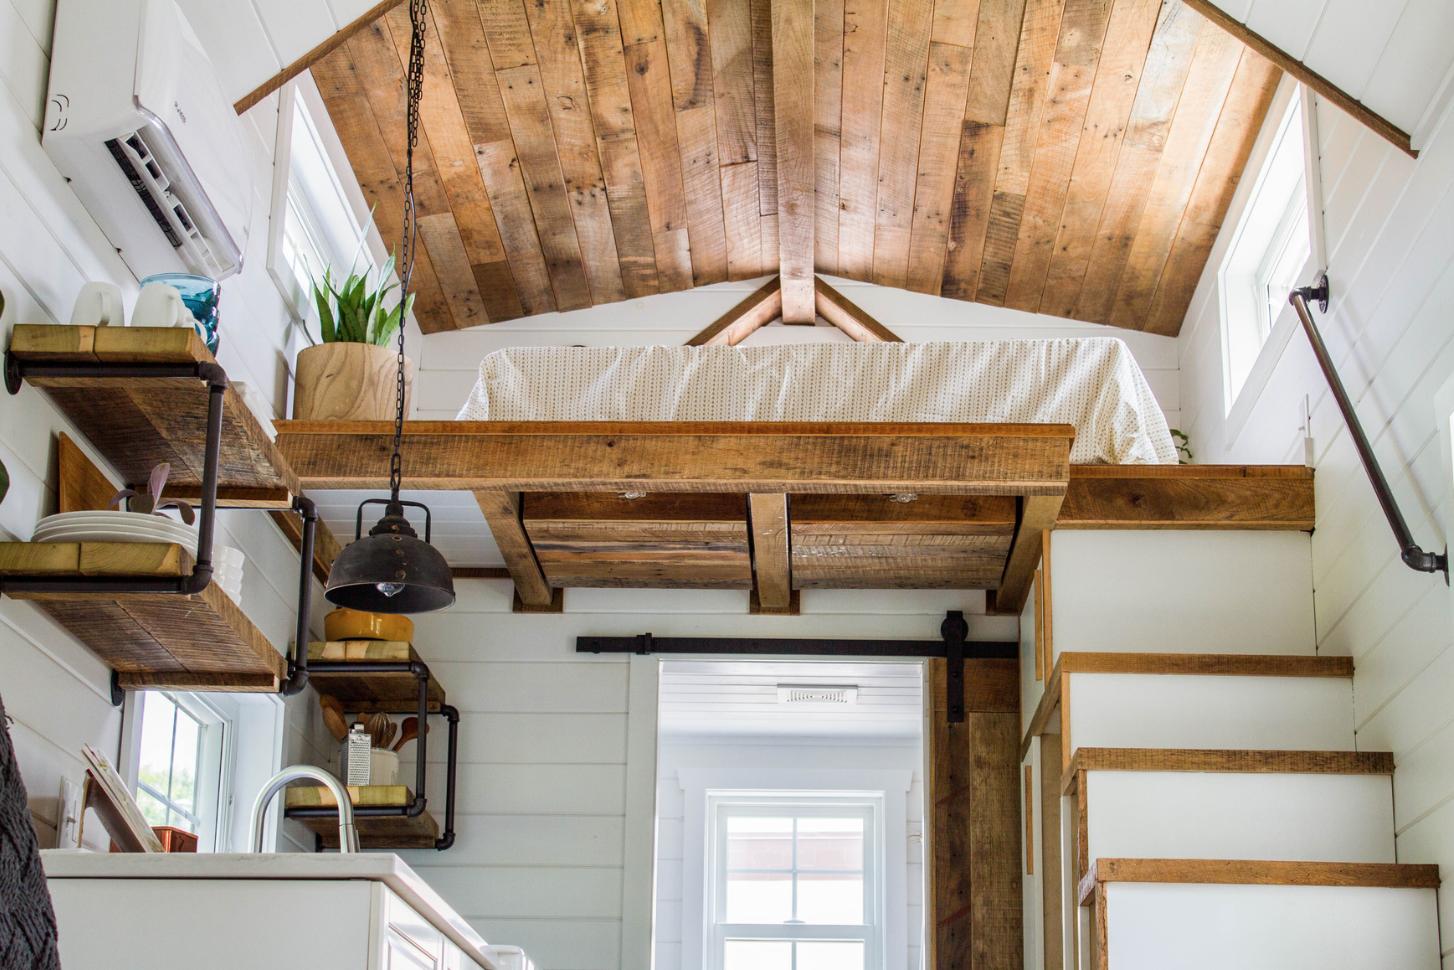 Cette mini maison est inspir e par le design d 39 une grange for Mini maison design